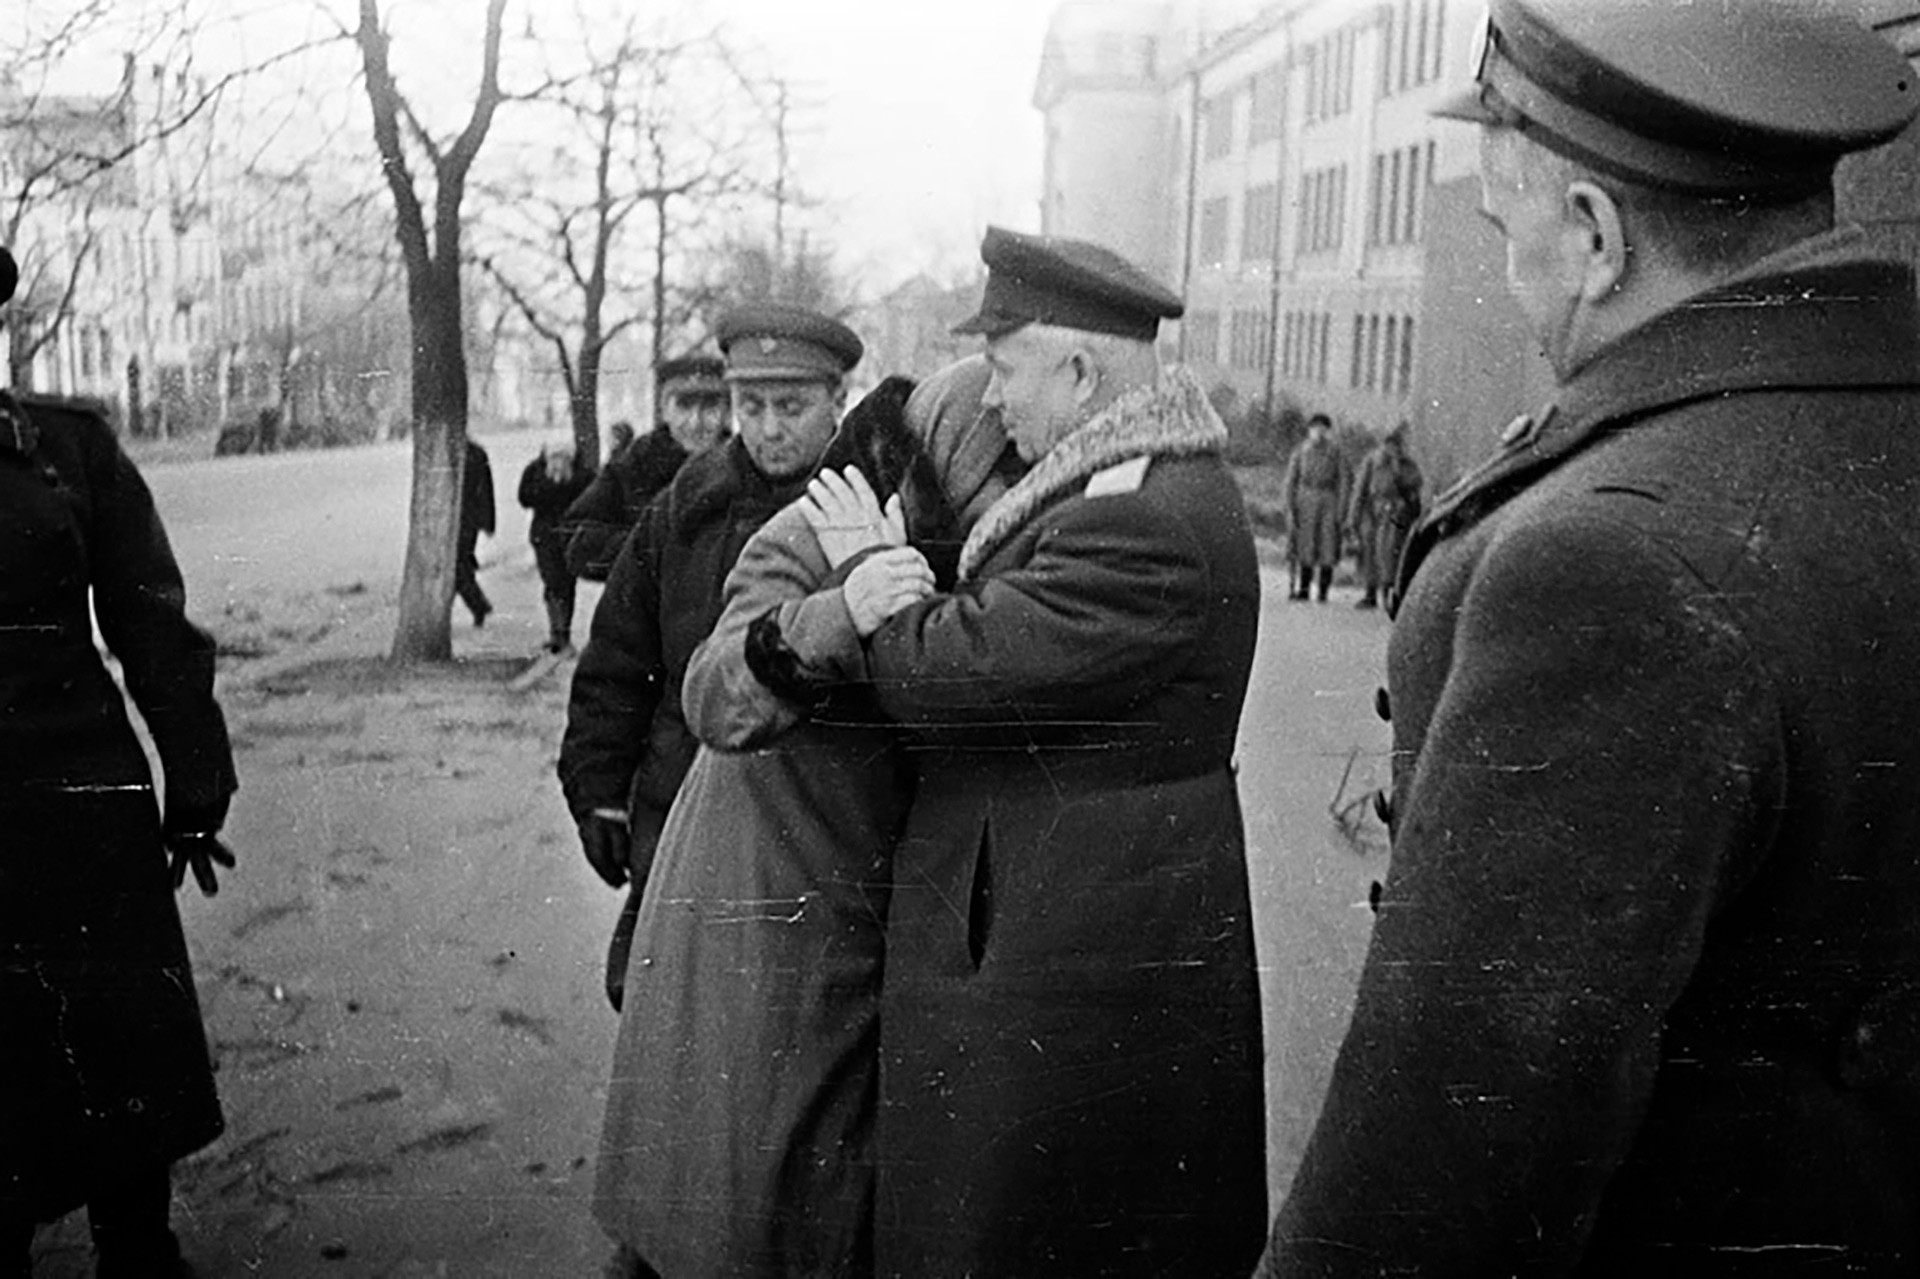 Während des Großen Vaterländischen Krieges war Nikita Chruschtschjow noch Erster Sekretär der Kommunistischen Partei der Ukrainischen Sowjetrepublik. Das Bild zeigt, wie ihn und Marschall Georgij Schukow (rechts) die Einwohner des befreiten Kiews willkommenheißen. November 1943